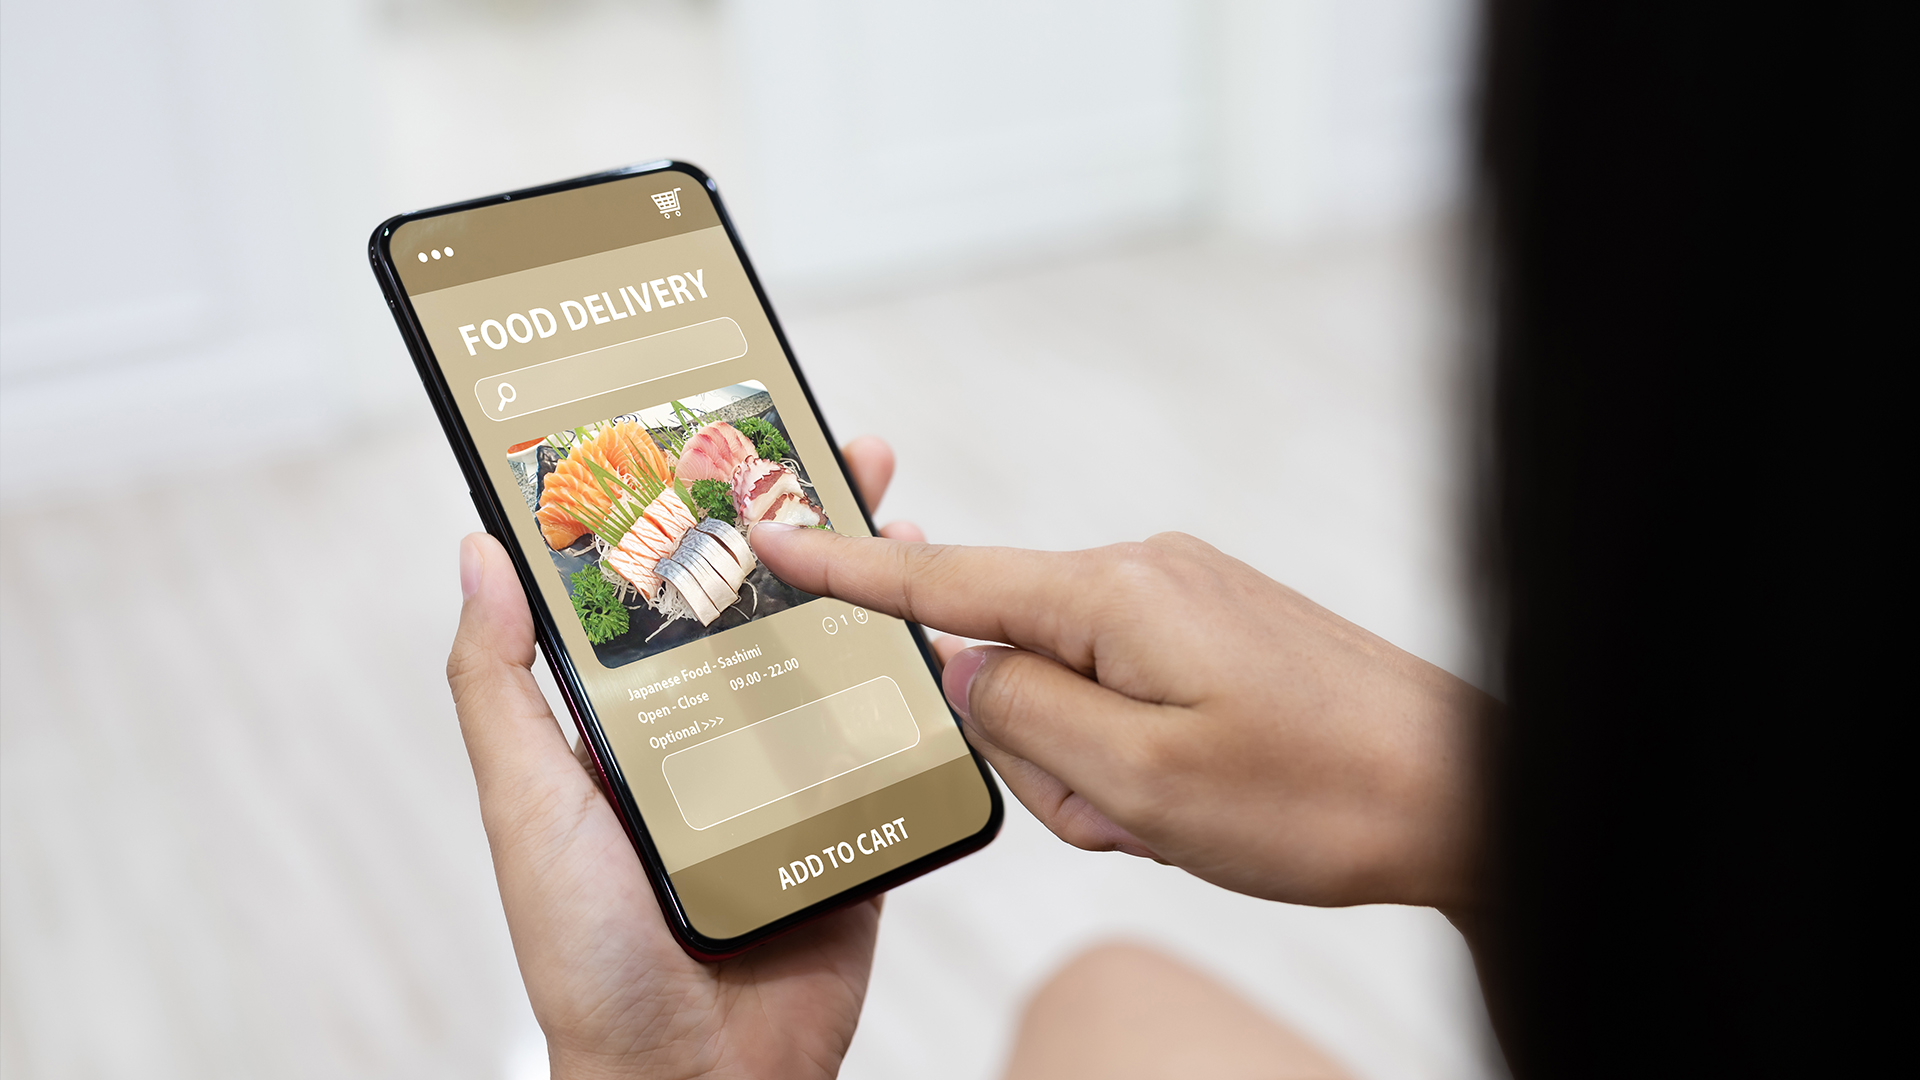 Consultar preços, fazer pedidos e pagamentos online. O cliente faz tudo direto pelo cardápio digital.